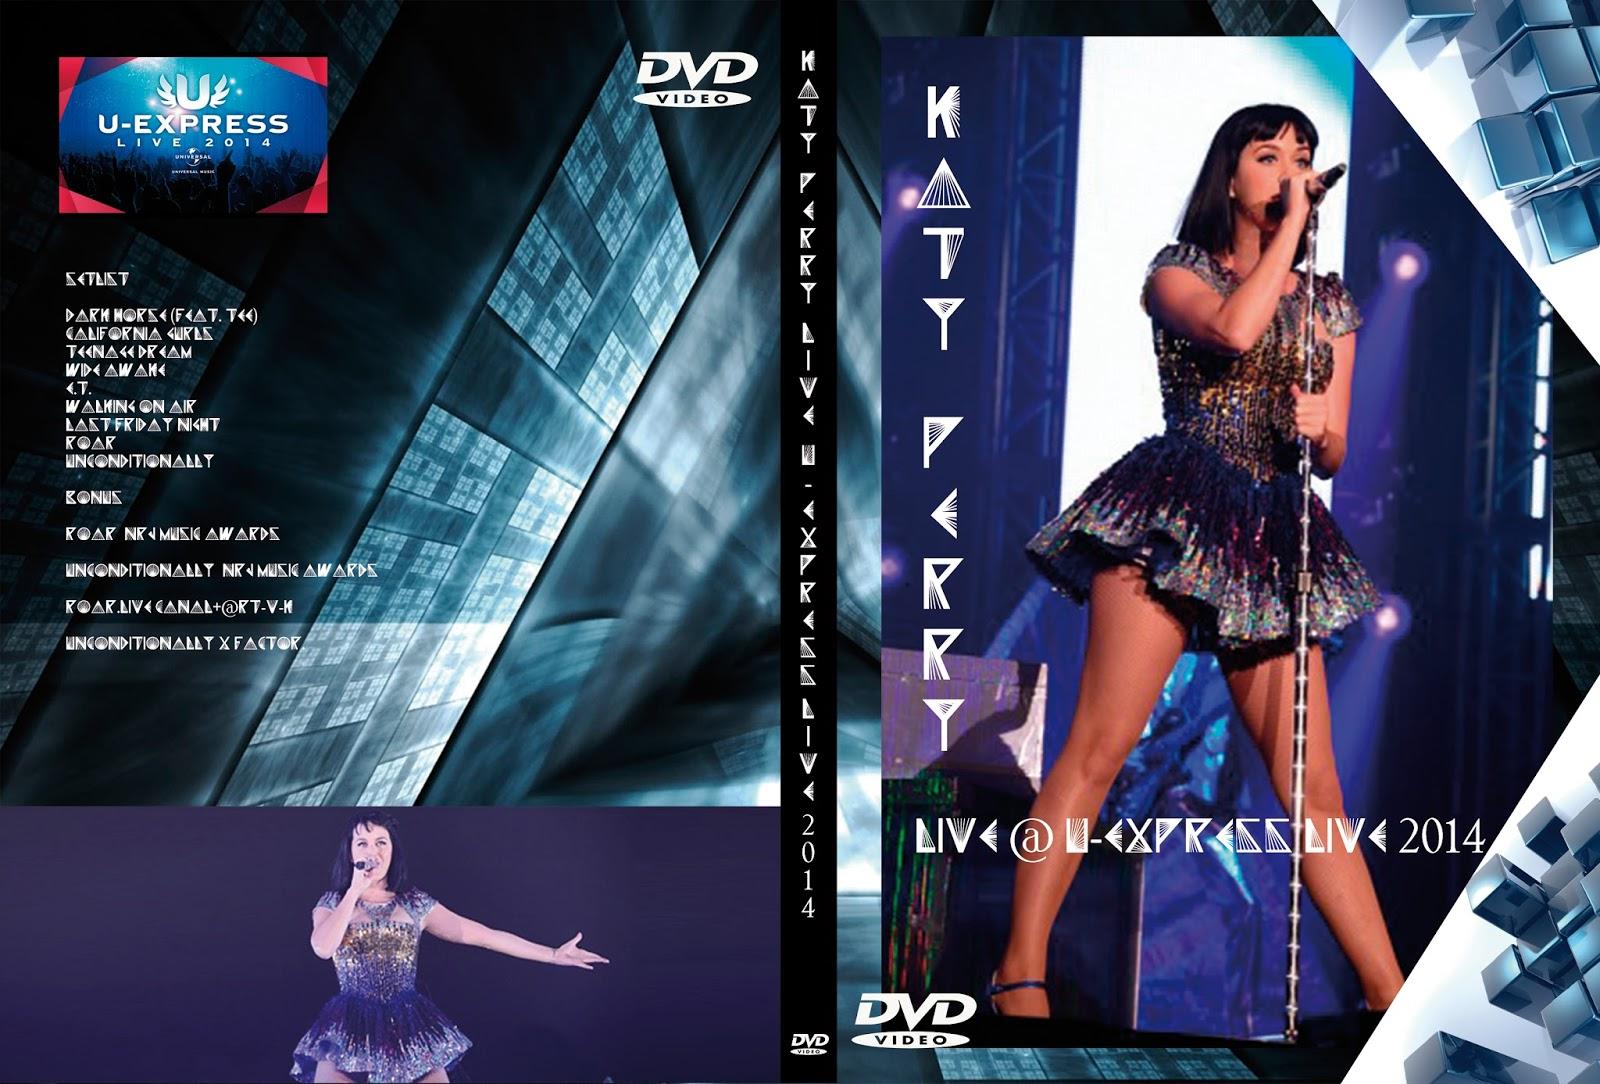 Katy perry interpretación en vivo de i kissed a girl